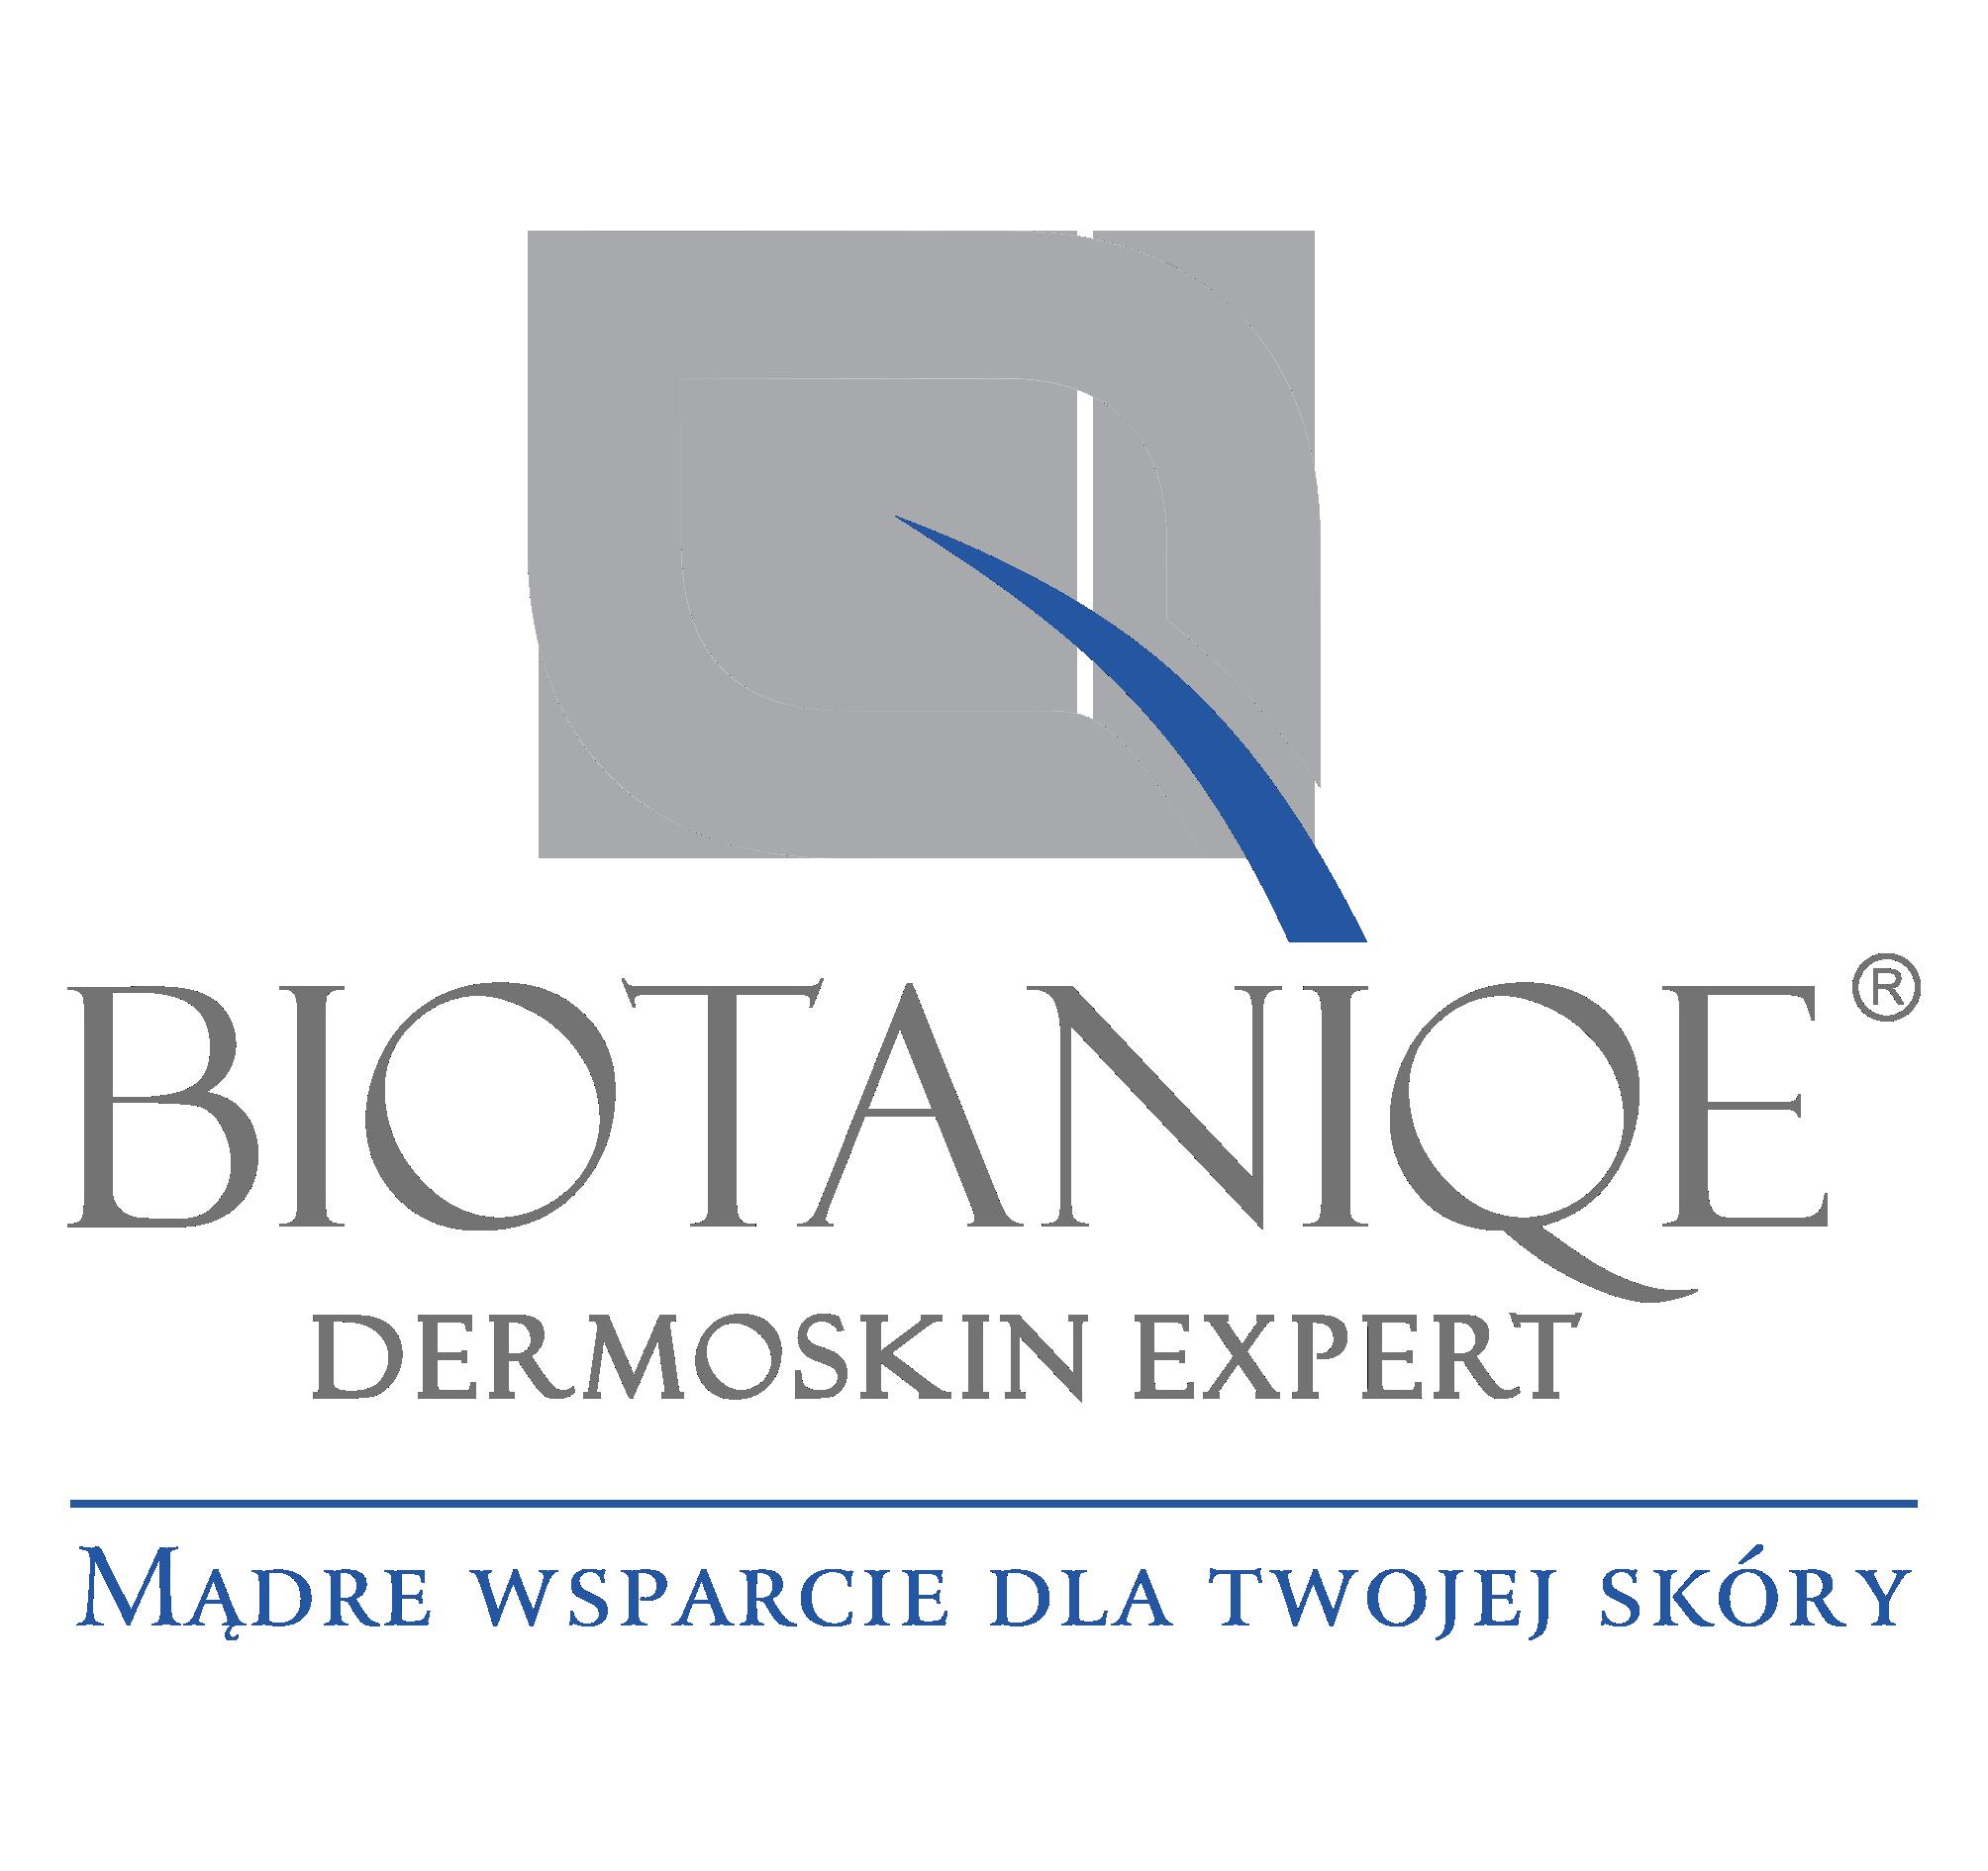 Biotaniqe